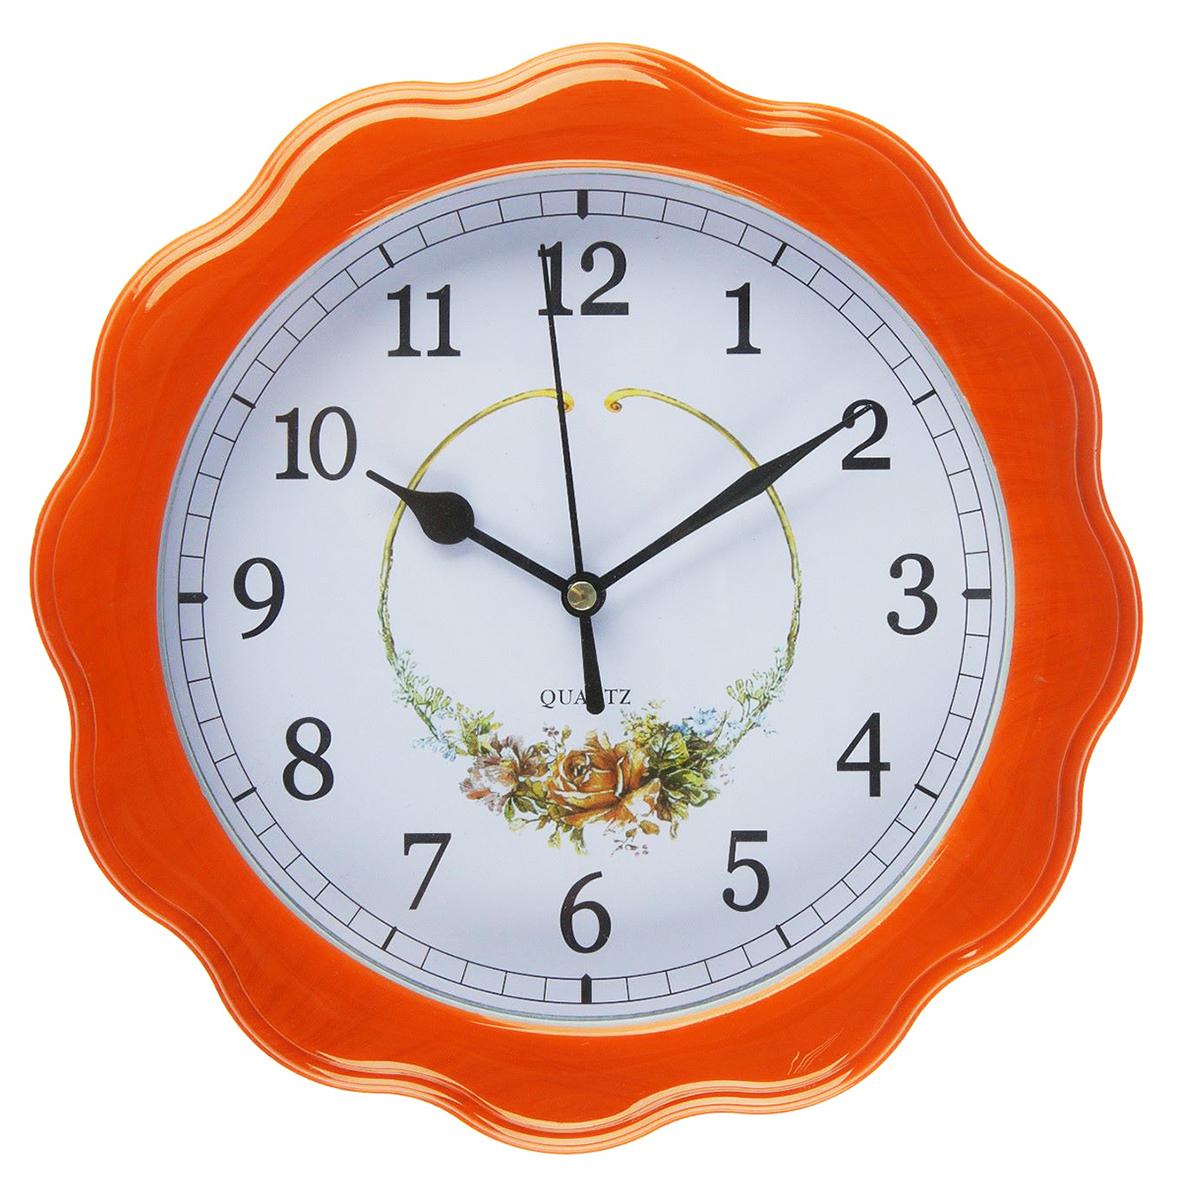 Часы настенные Цветы, диаметр 23 см2457671Каждому хозяину периодически приходит мысль обновить свою квартиру, сделать ремонт, перестановку или кардинально поменять внешний вид каждой комнаты. — привлекательная деталь, которая поможет воплотить вашу интерьерную идею, создать неповторимую атмосферу в вашем доме. Окружите себя приятными мелочами, пусть они радуют глаз и дарят гармонию.Часы настенные классика сюжетные, под дерево, круглые, форма солнца, цветы 23*4см 2457671